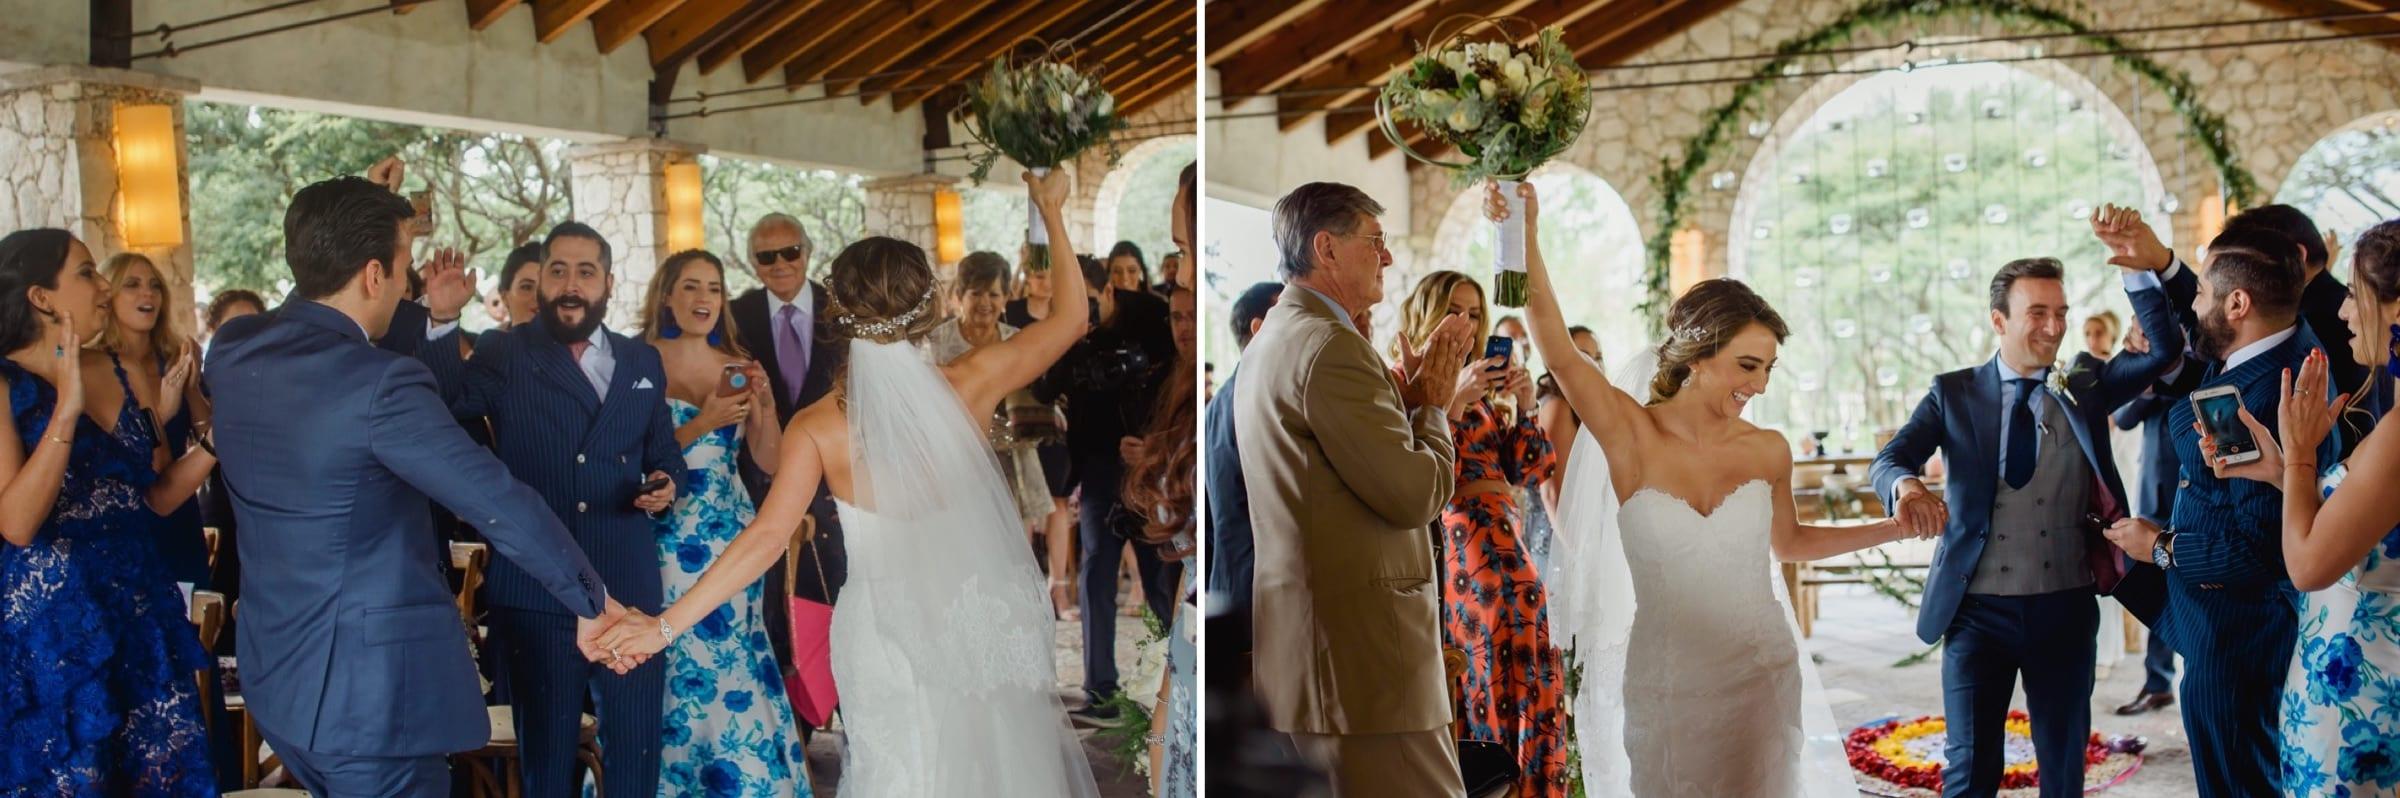 boda rancho sabinas